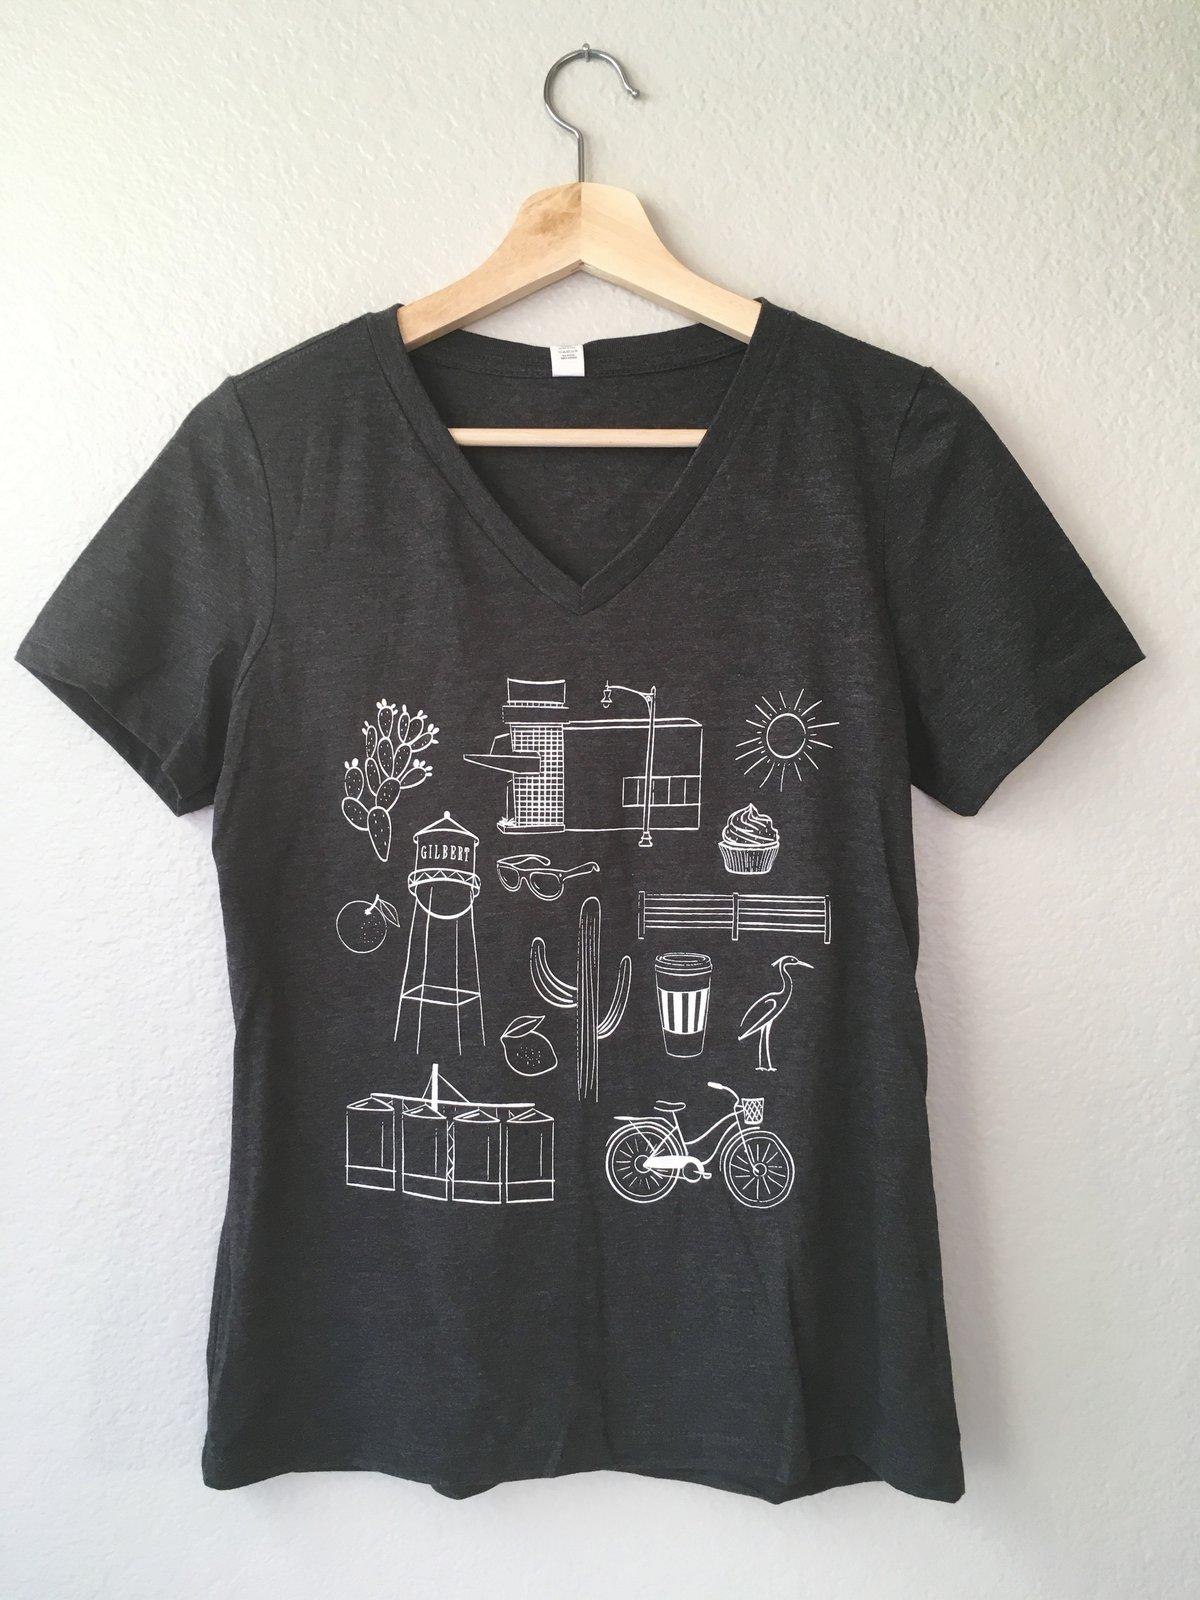 Image of ICONIC GILBERT shirt